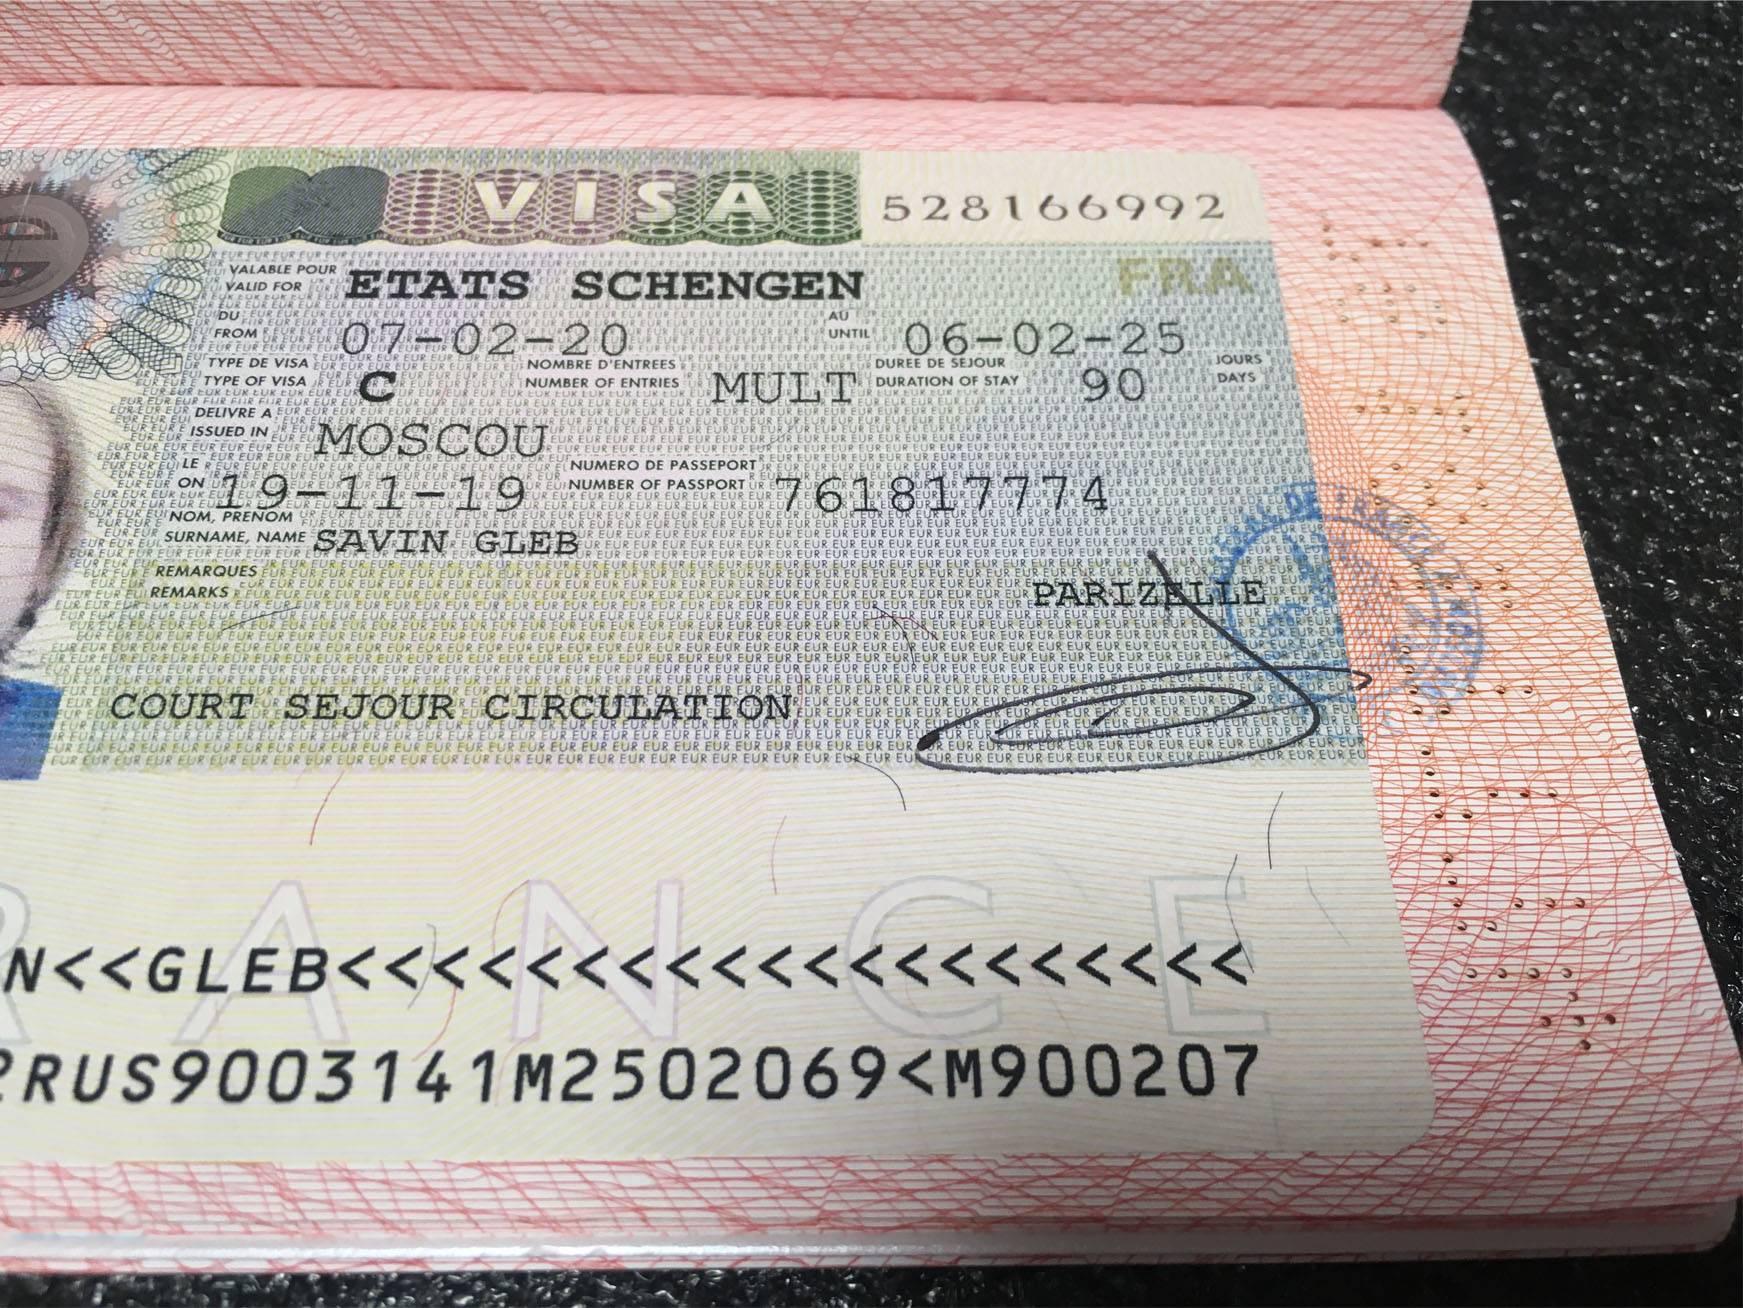 Виза во францию в 2021 году: инструкция по получению   provizu